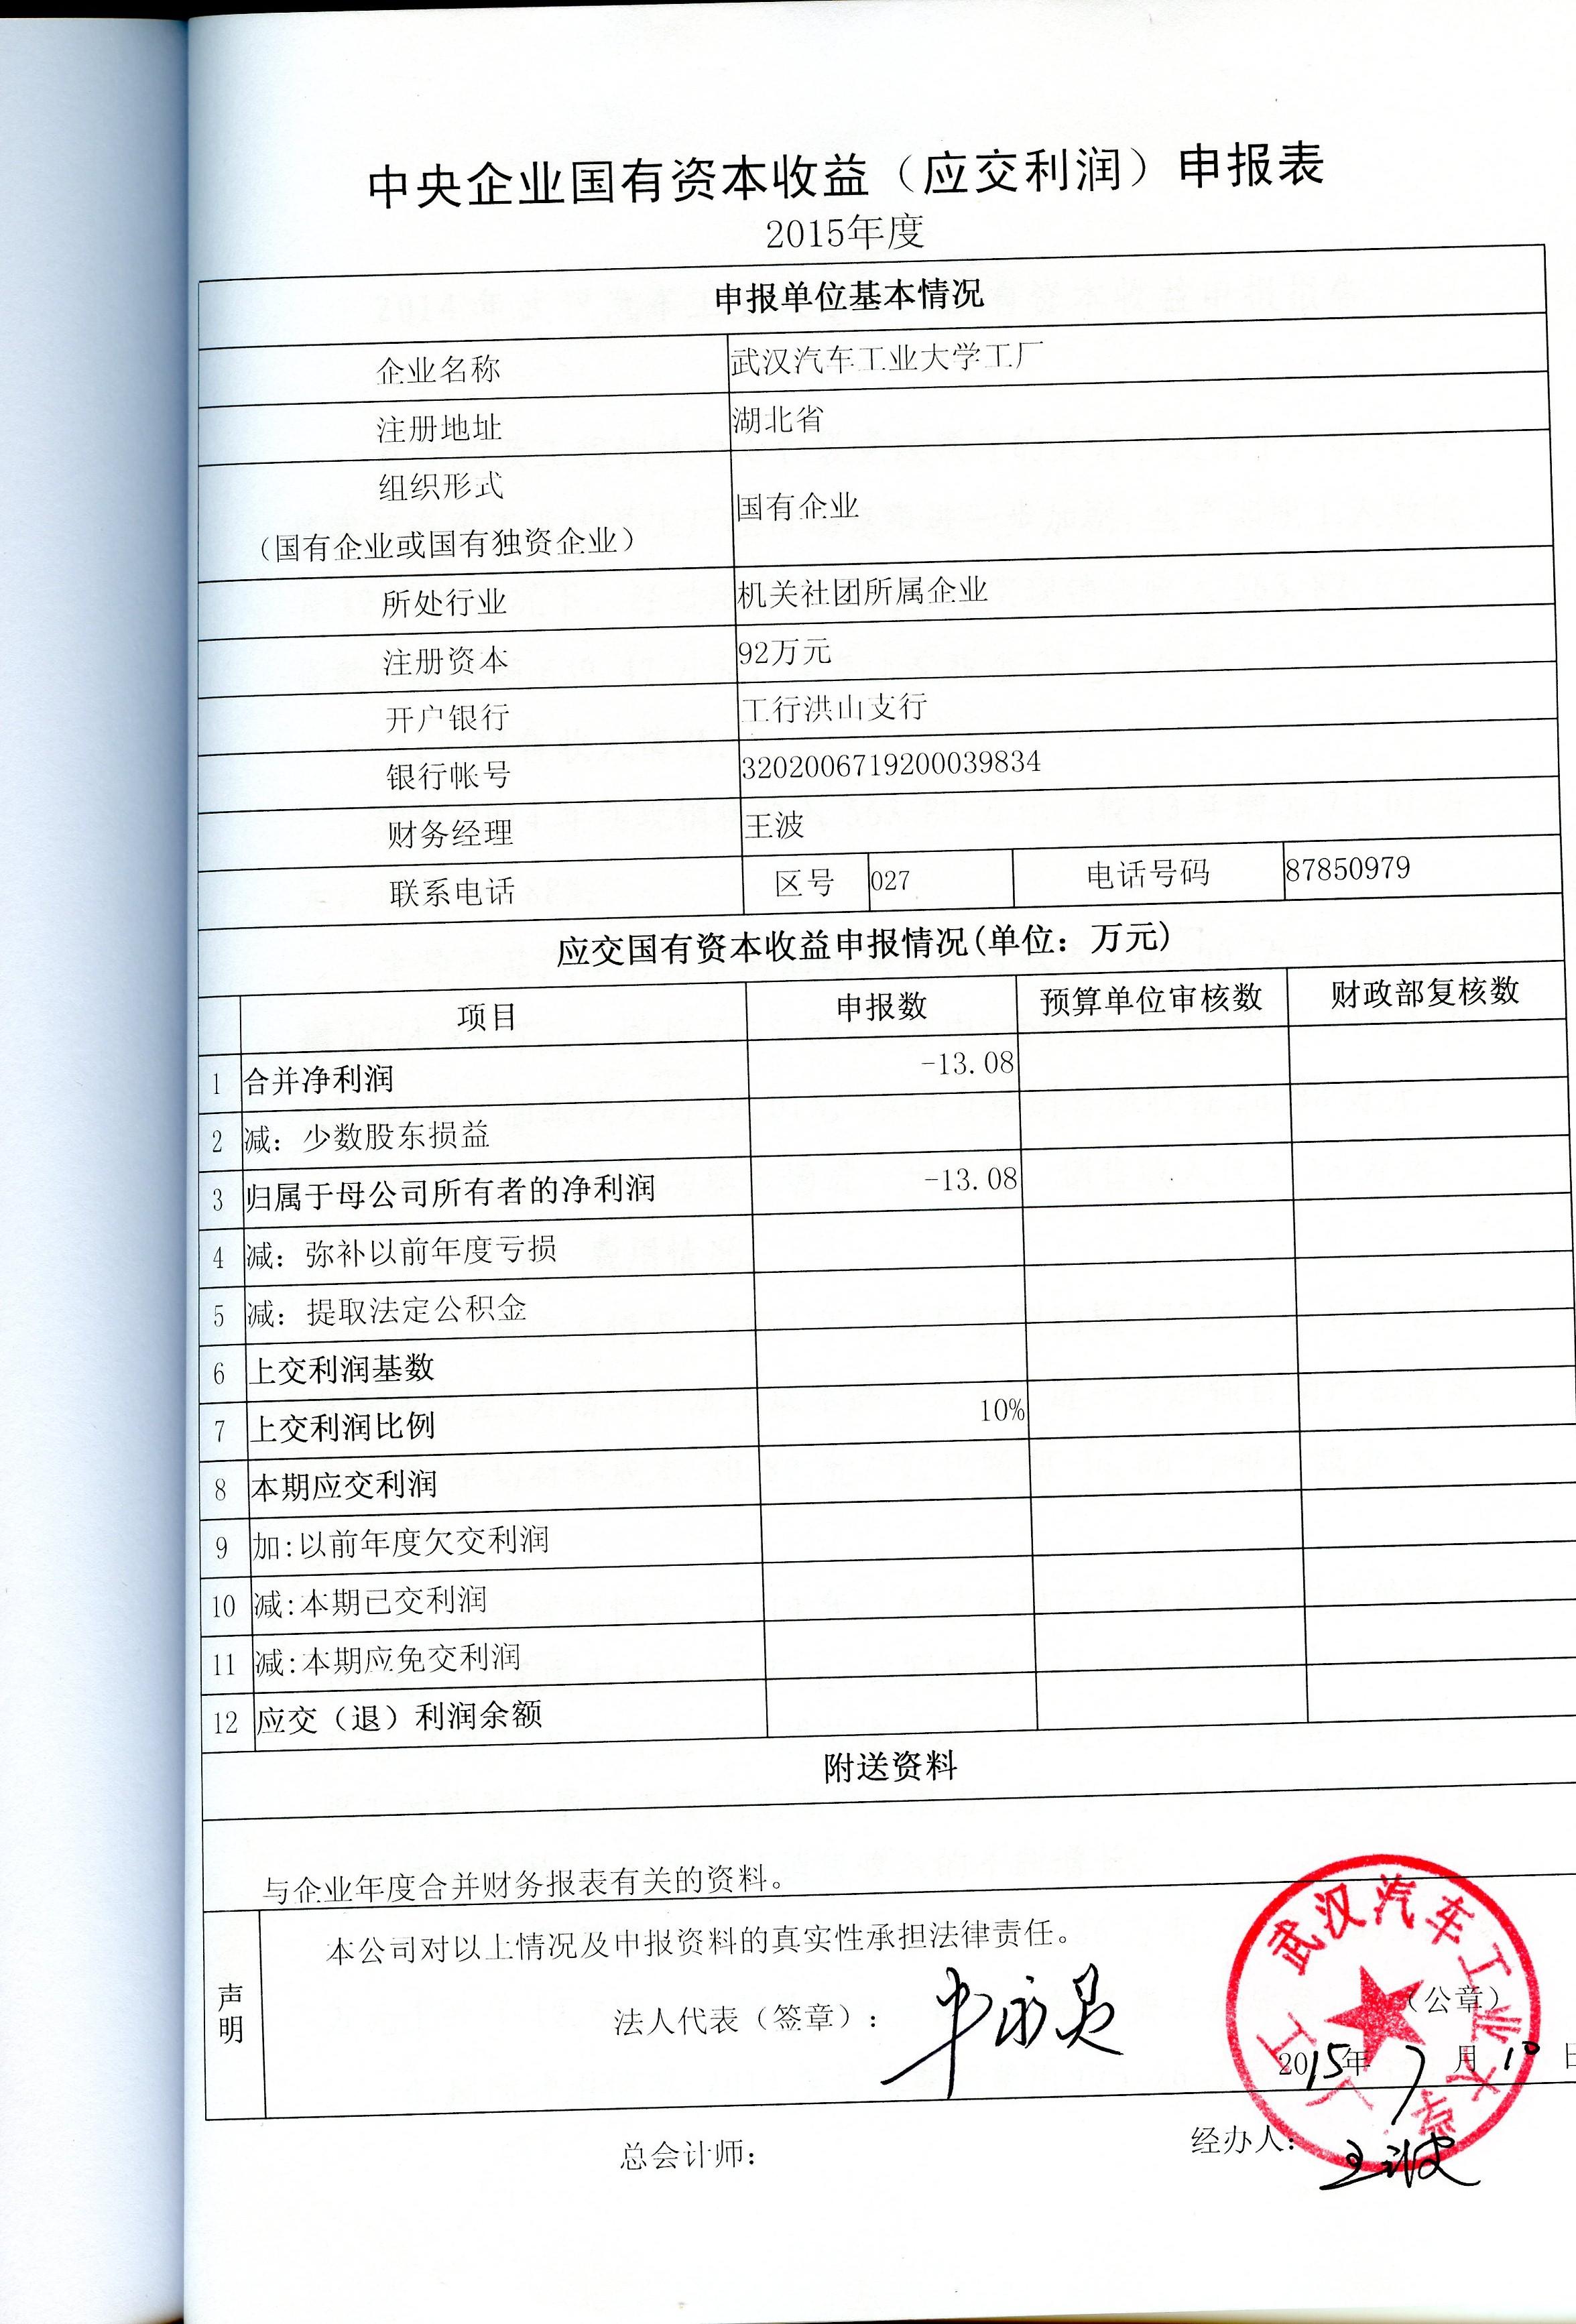 武汉汽车工业大学工厂中央企业国有资本收益申报表(2015年度).jpg